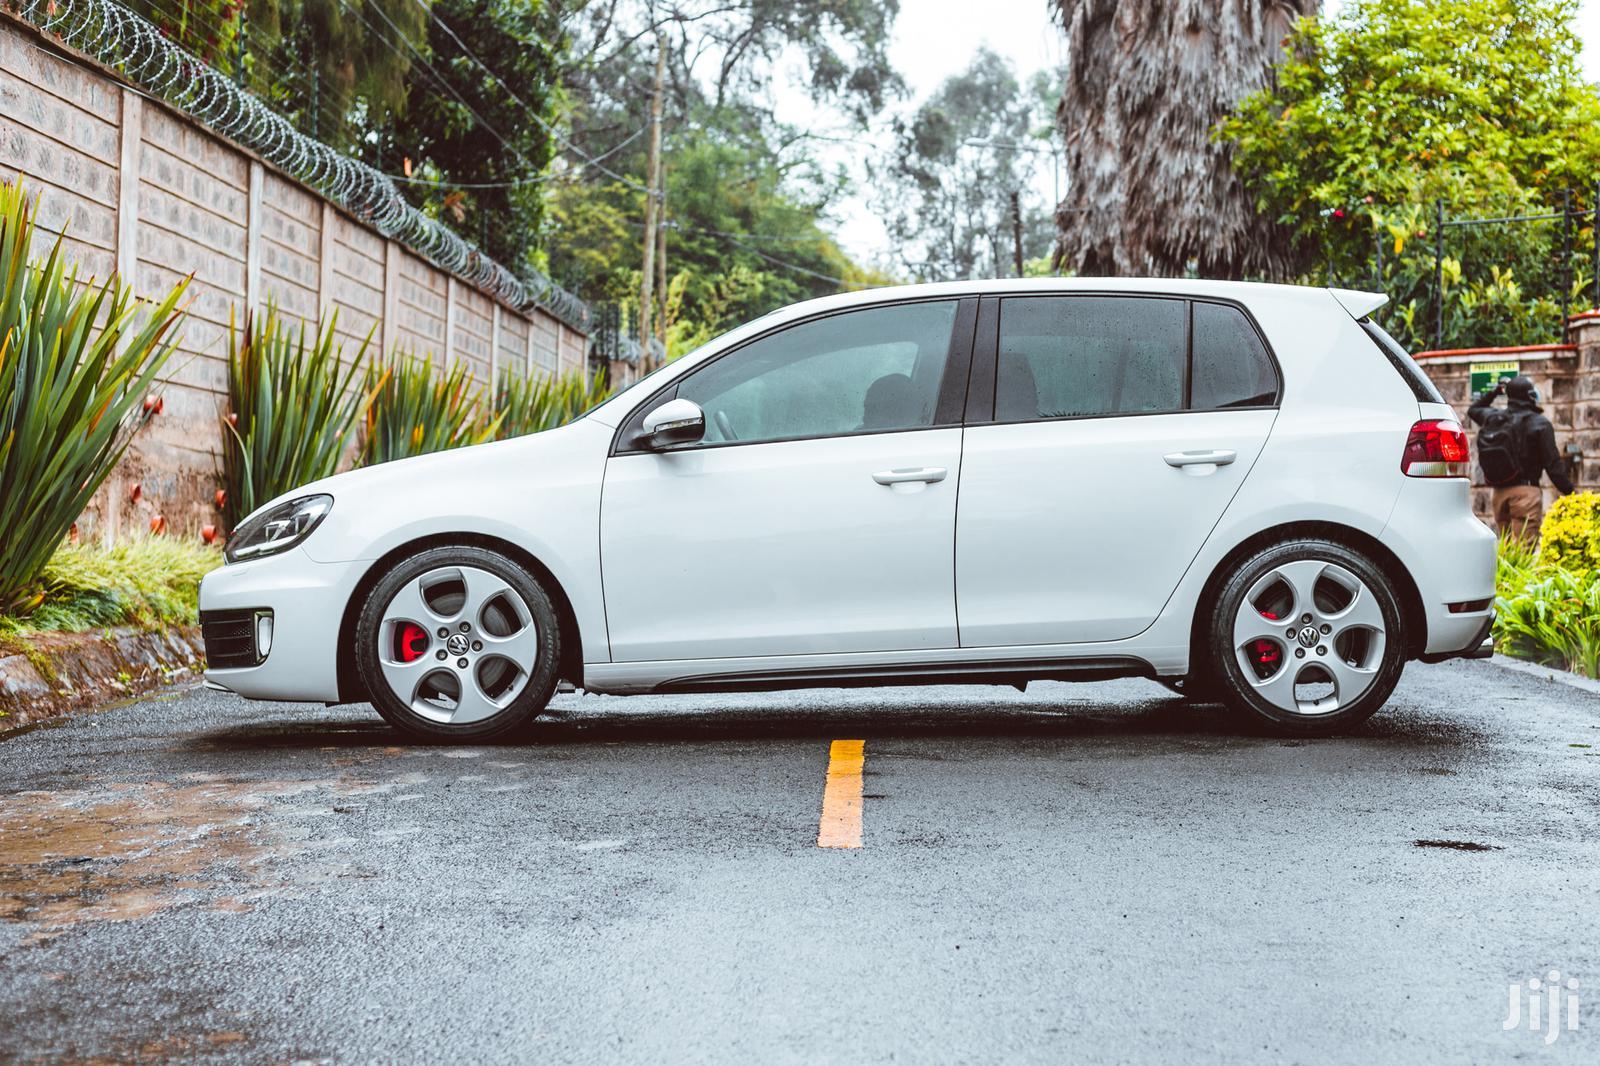 Archive: Volkswagen Golf GTI 2013 White